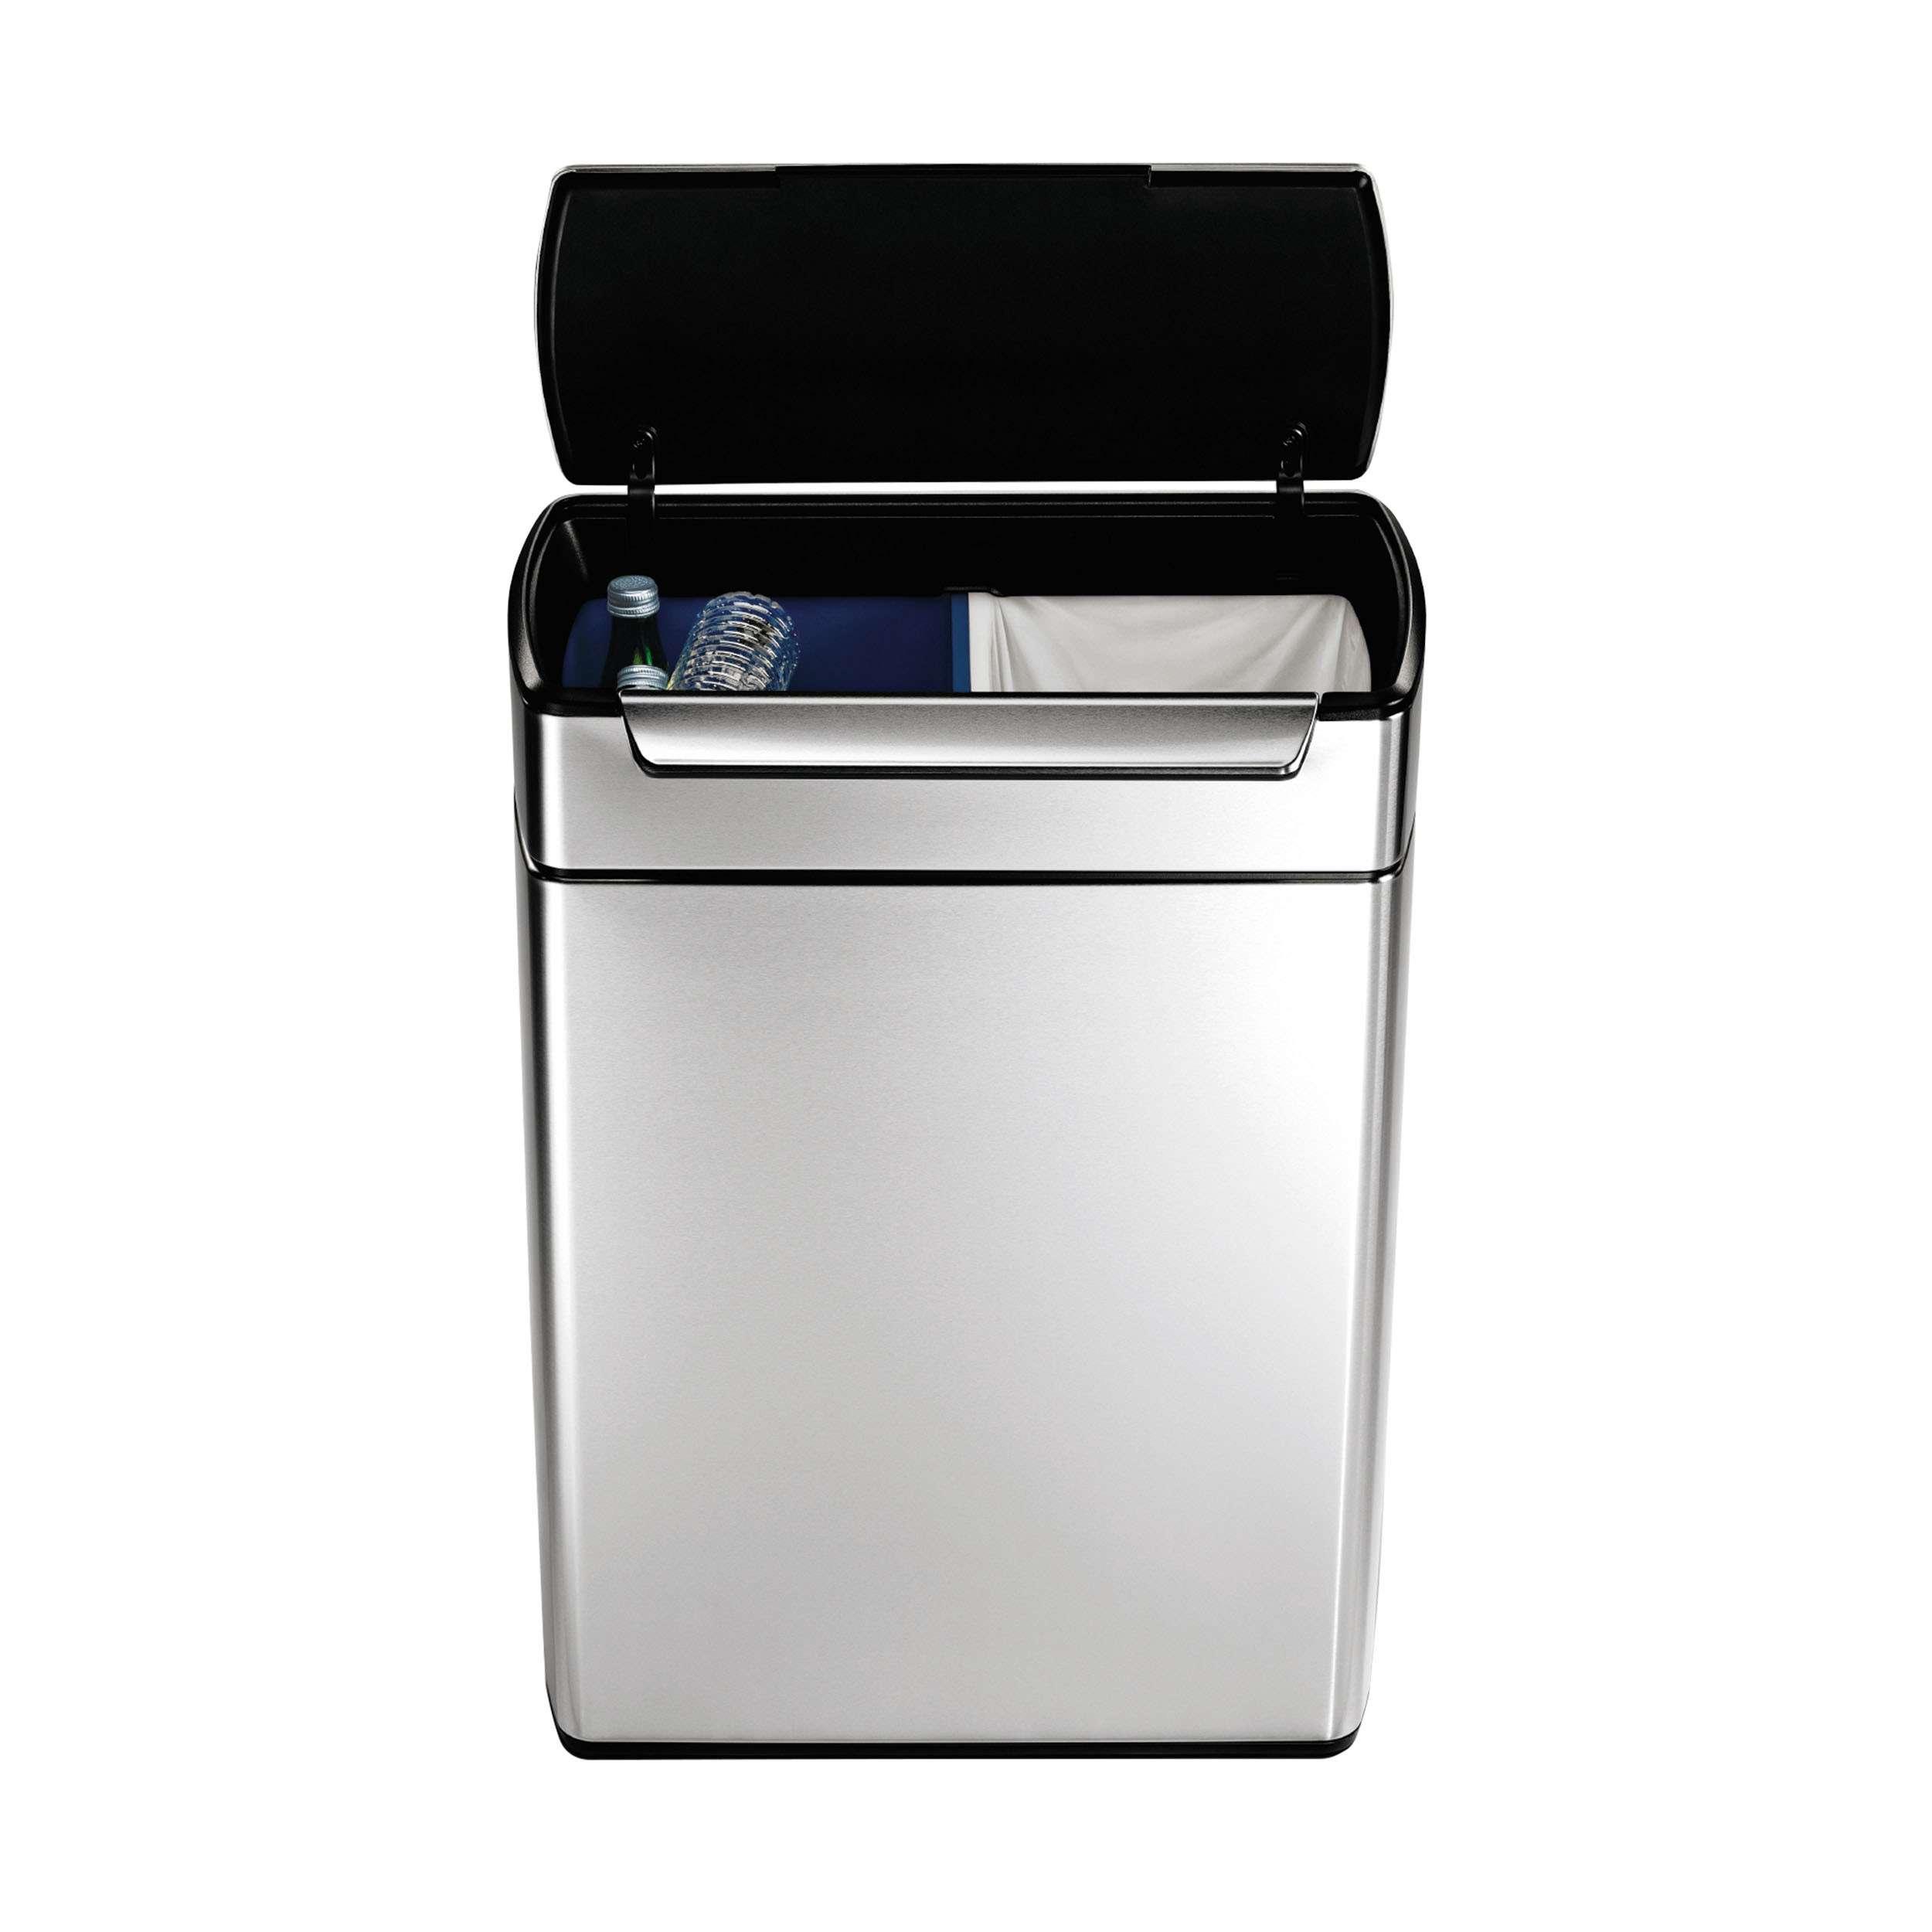 Full Size of Doppel Mülleimer Abfalleimer Preisvergleich Besten Angebote Online Kaufen Küche Einbau Doppelblock Wohnzimmer Doppel Mülleimer